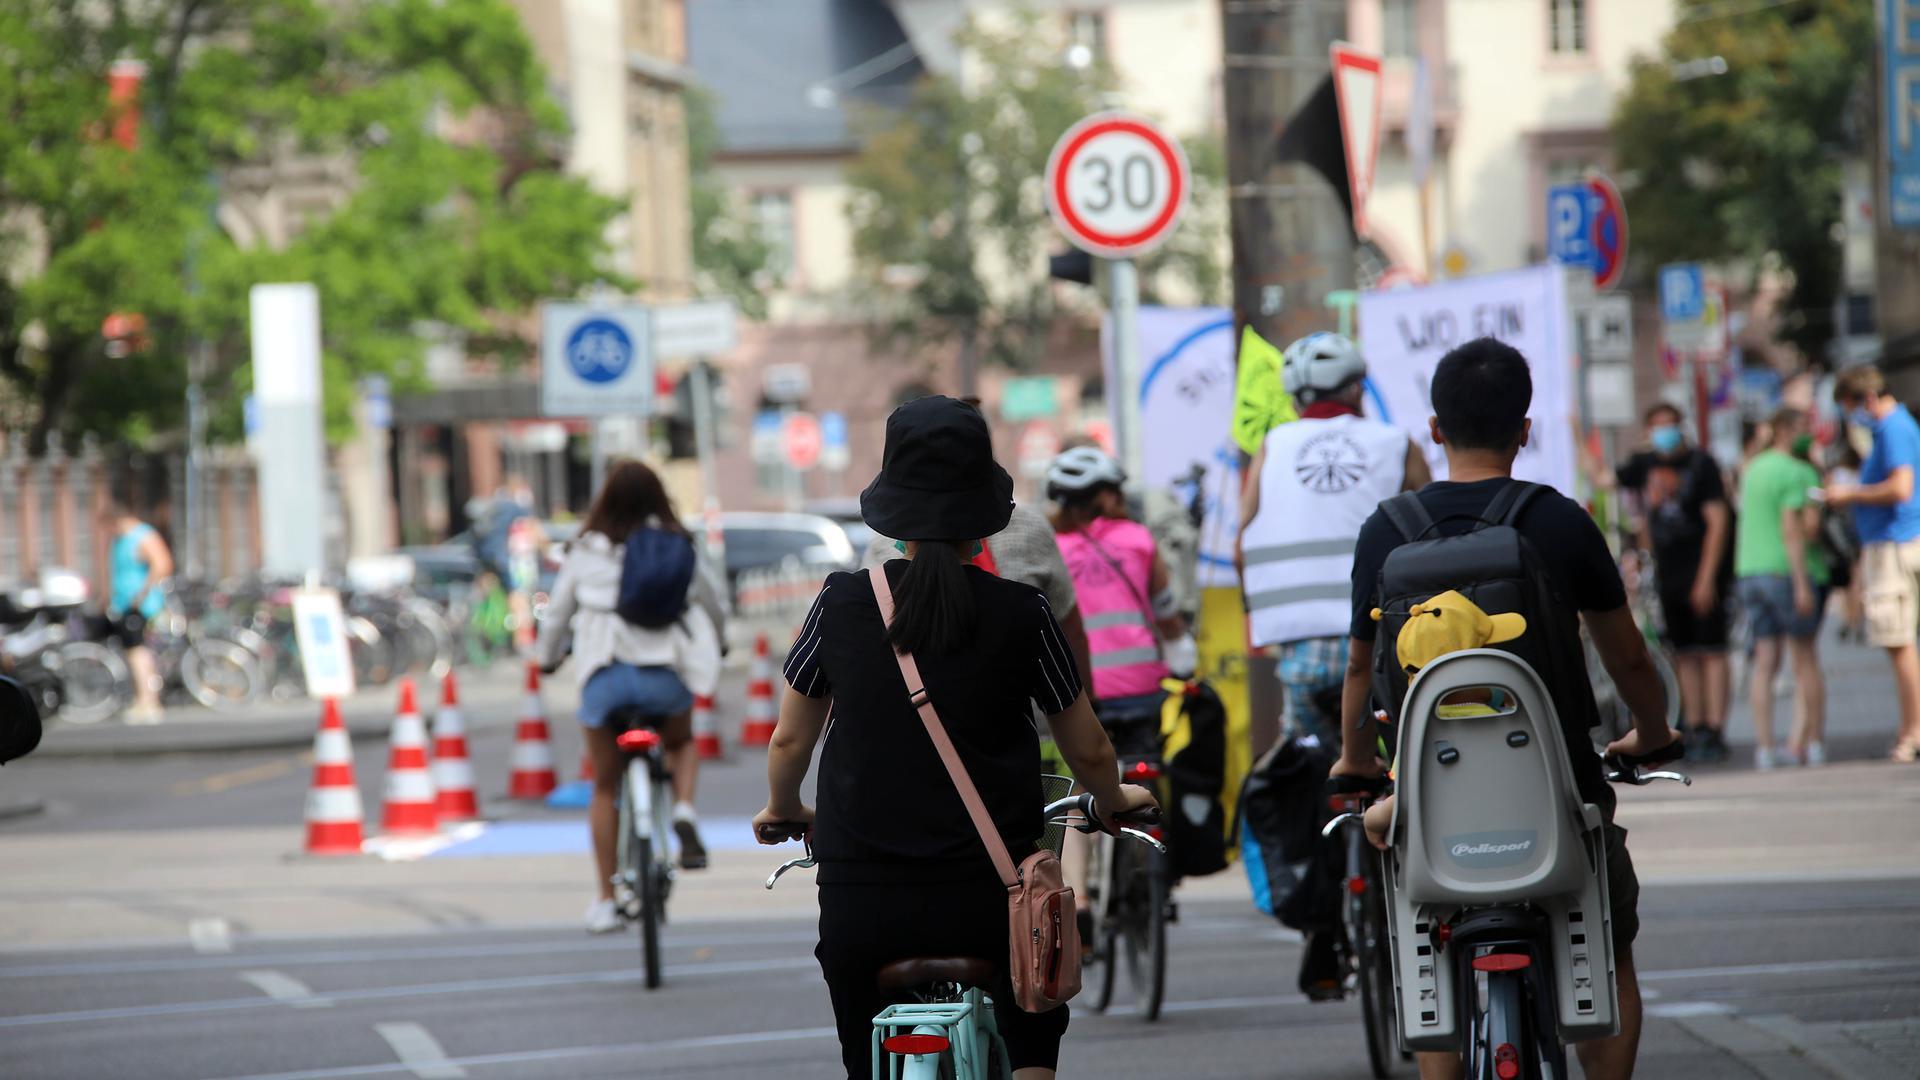 1.08.2020 Pop-Up Radweg in der Karlstraße zwischen Europaplatz und Stephanienstraße